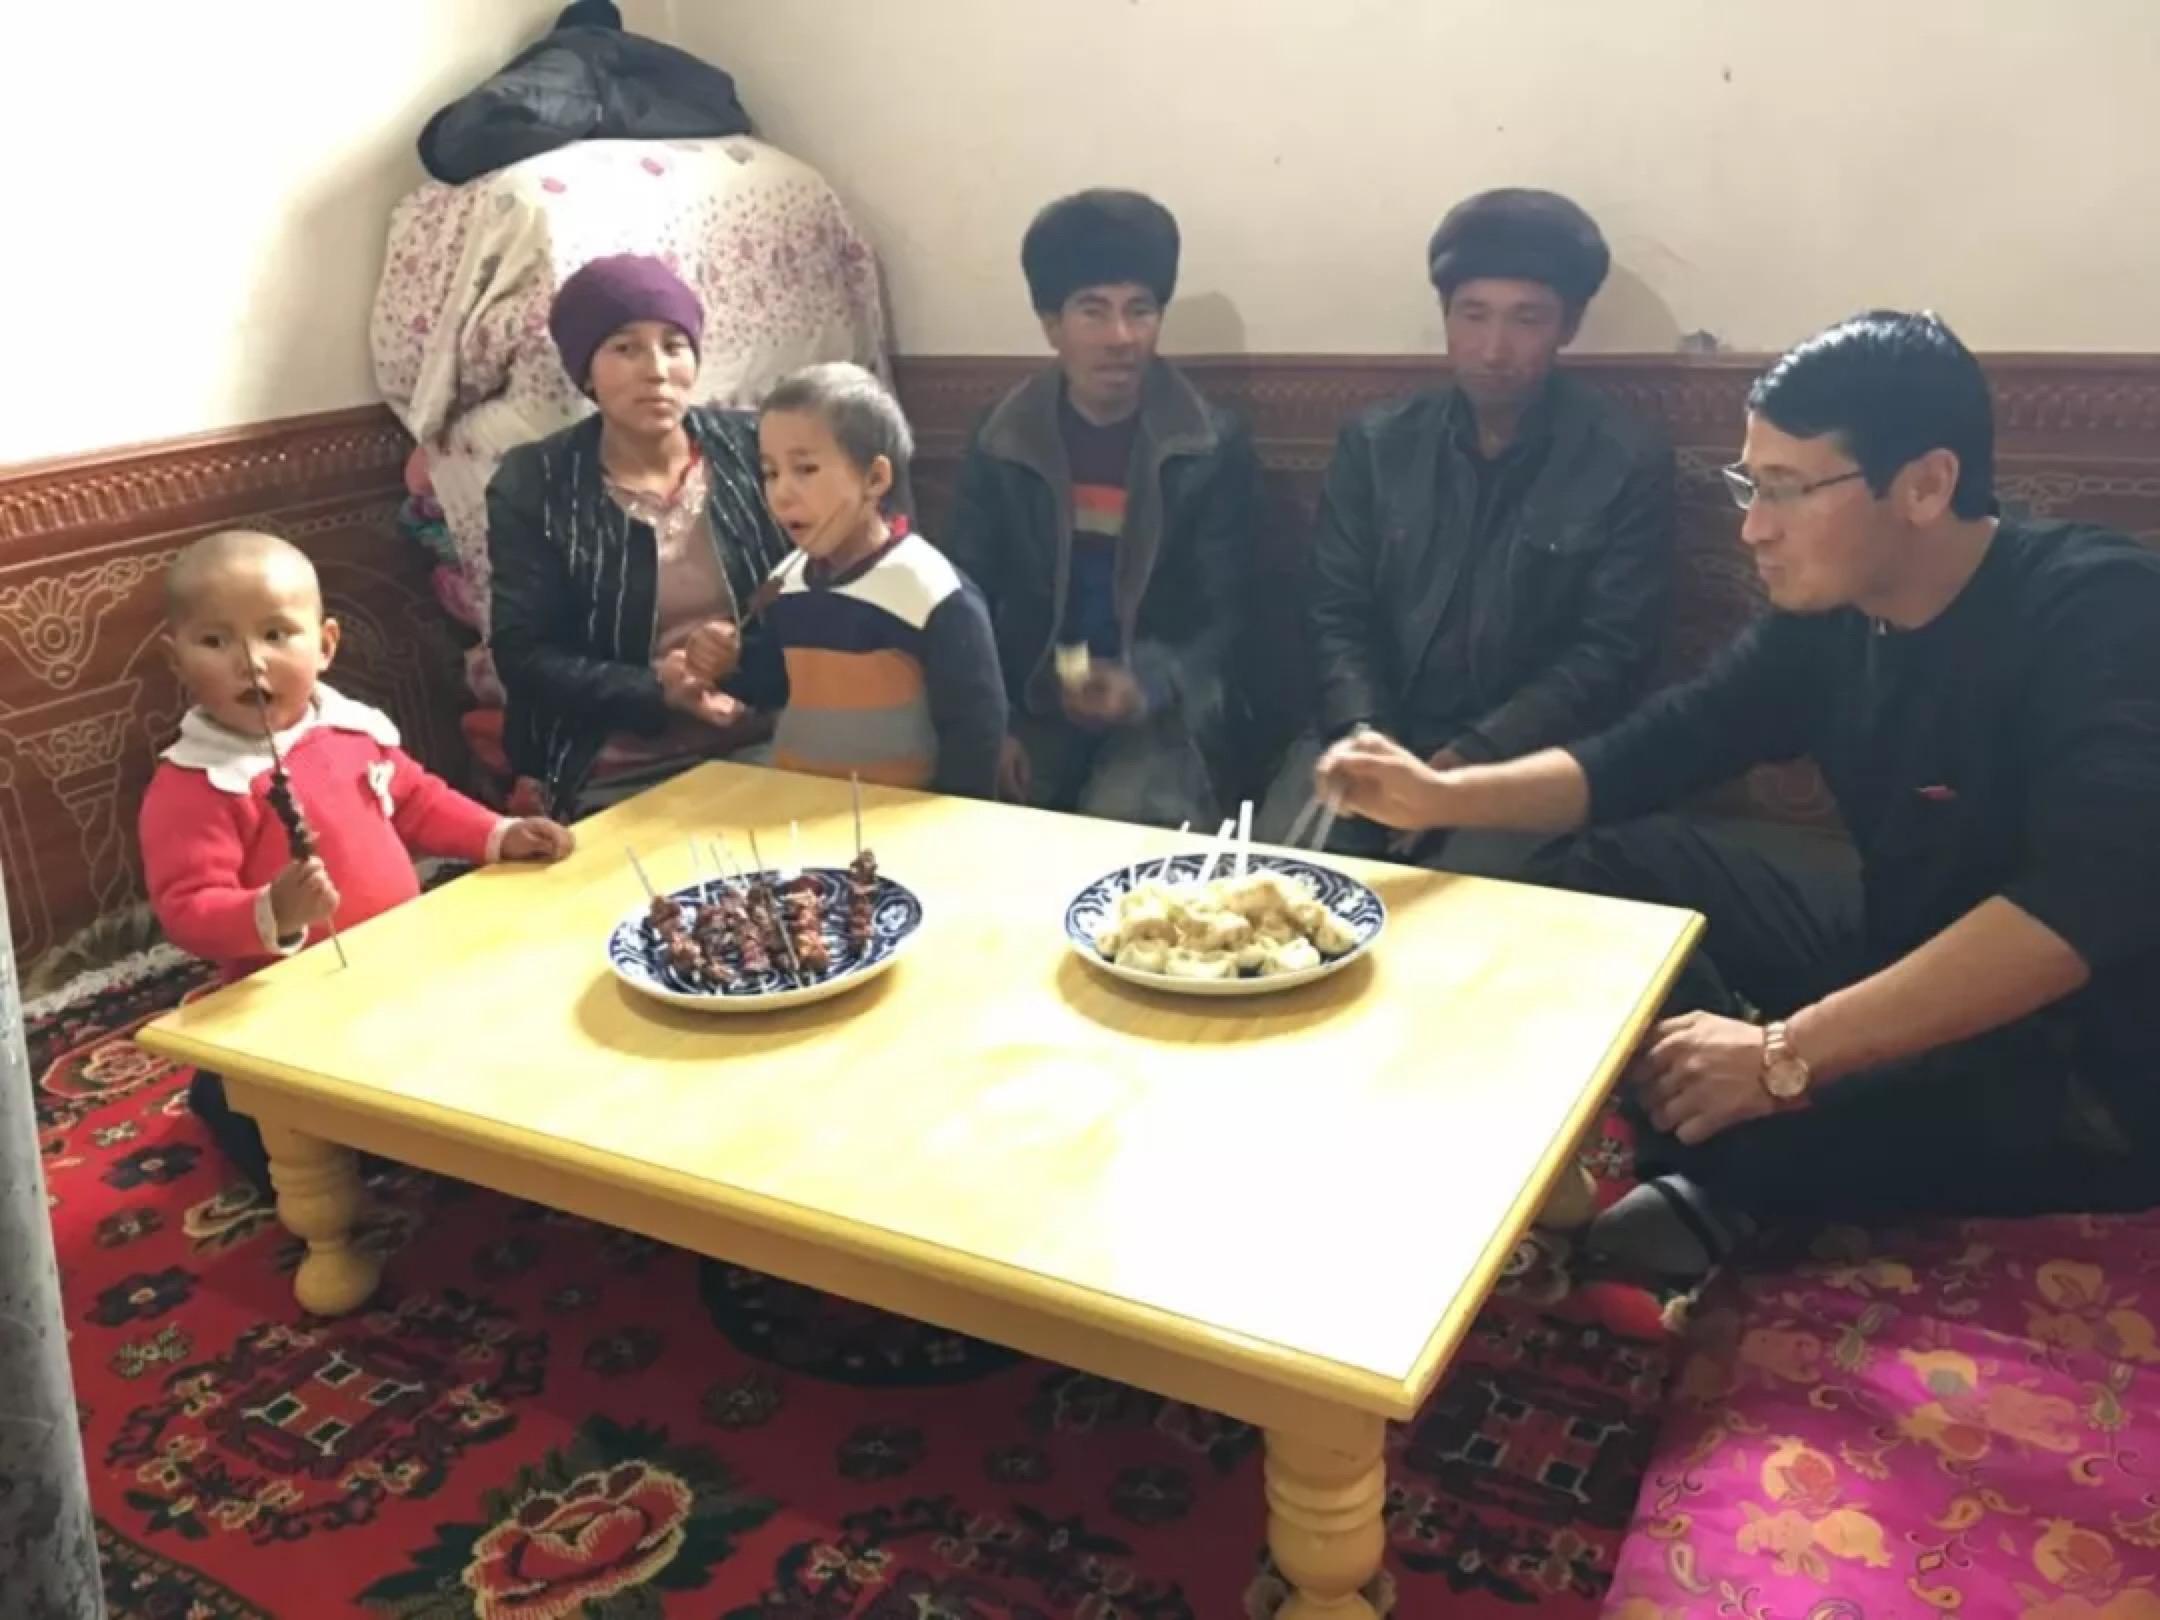 Xinjiang Communist Youth League—WeChat Ziyarete gönderilen bir Han memuru, onlara hediye olarak verdikleri bir masada Uygur ailesiyle birlikte yemek yiyor. Bu görüntü Sincan Komünist Gençlik Ligi tarafından sosyal medya platformu WeChat'ta yayınlandı.